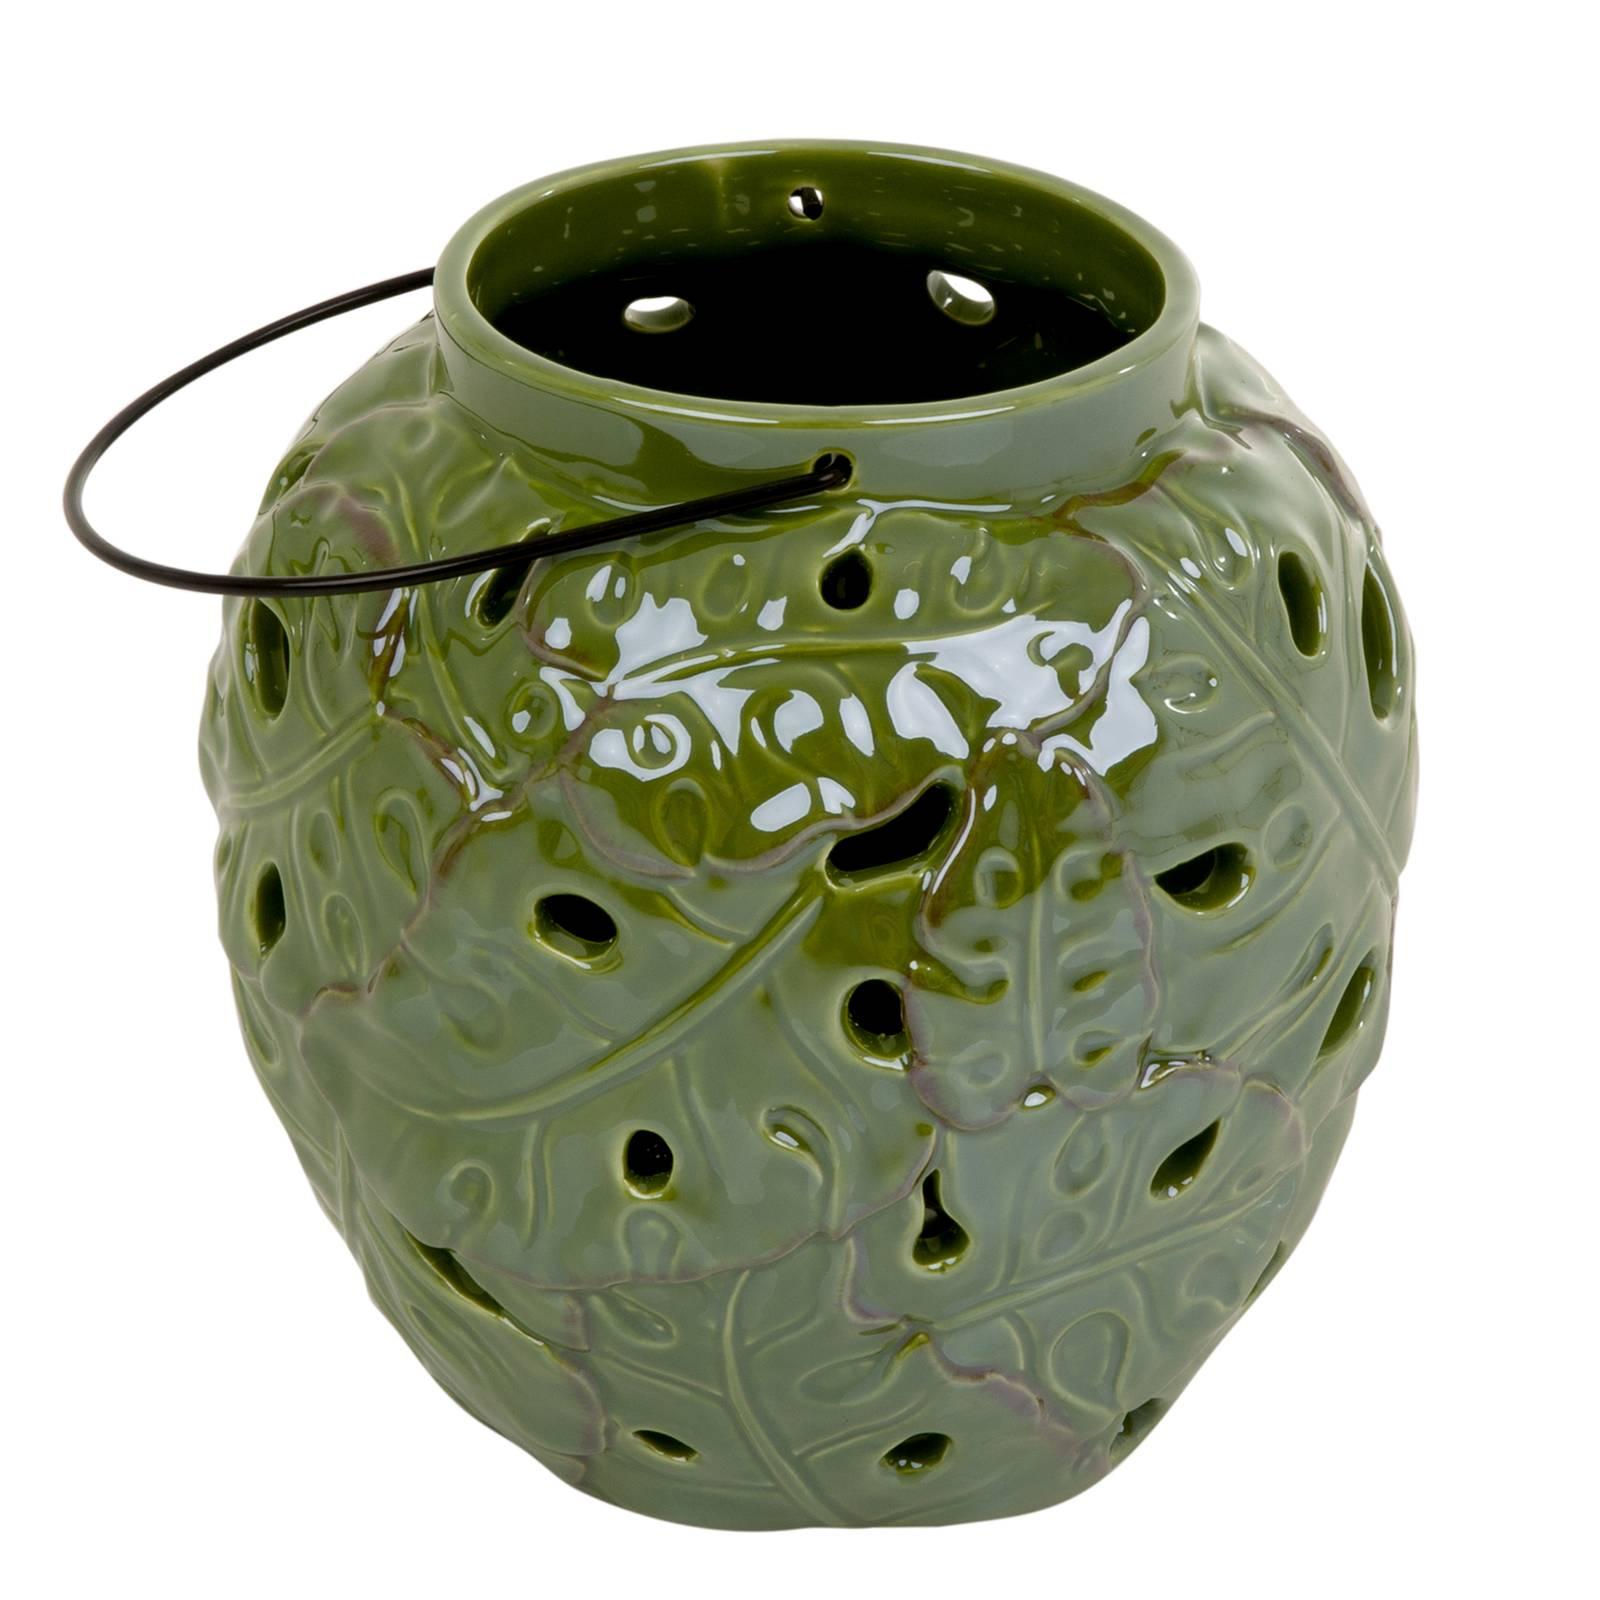 Lampion ceramiczny Tropic 18 x 18 x 18 cm zielony MY HOME